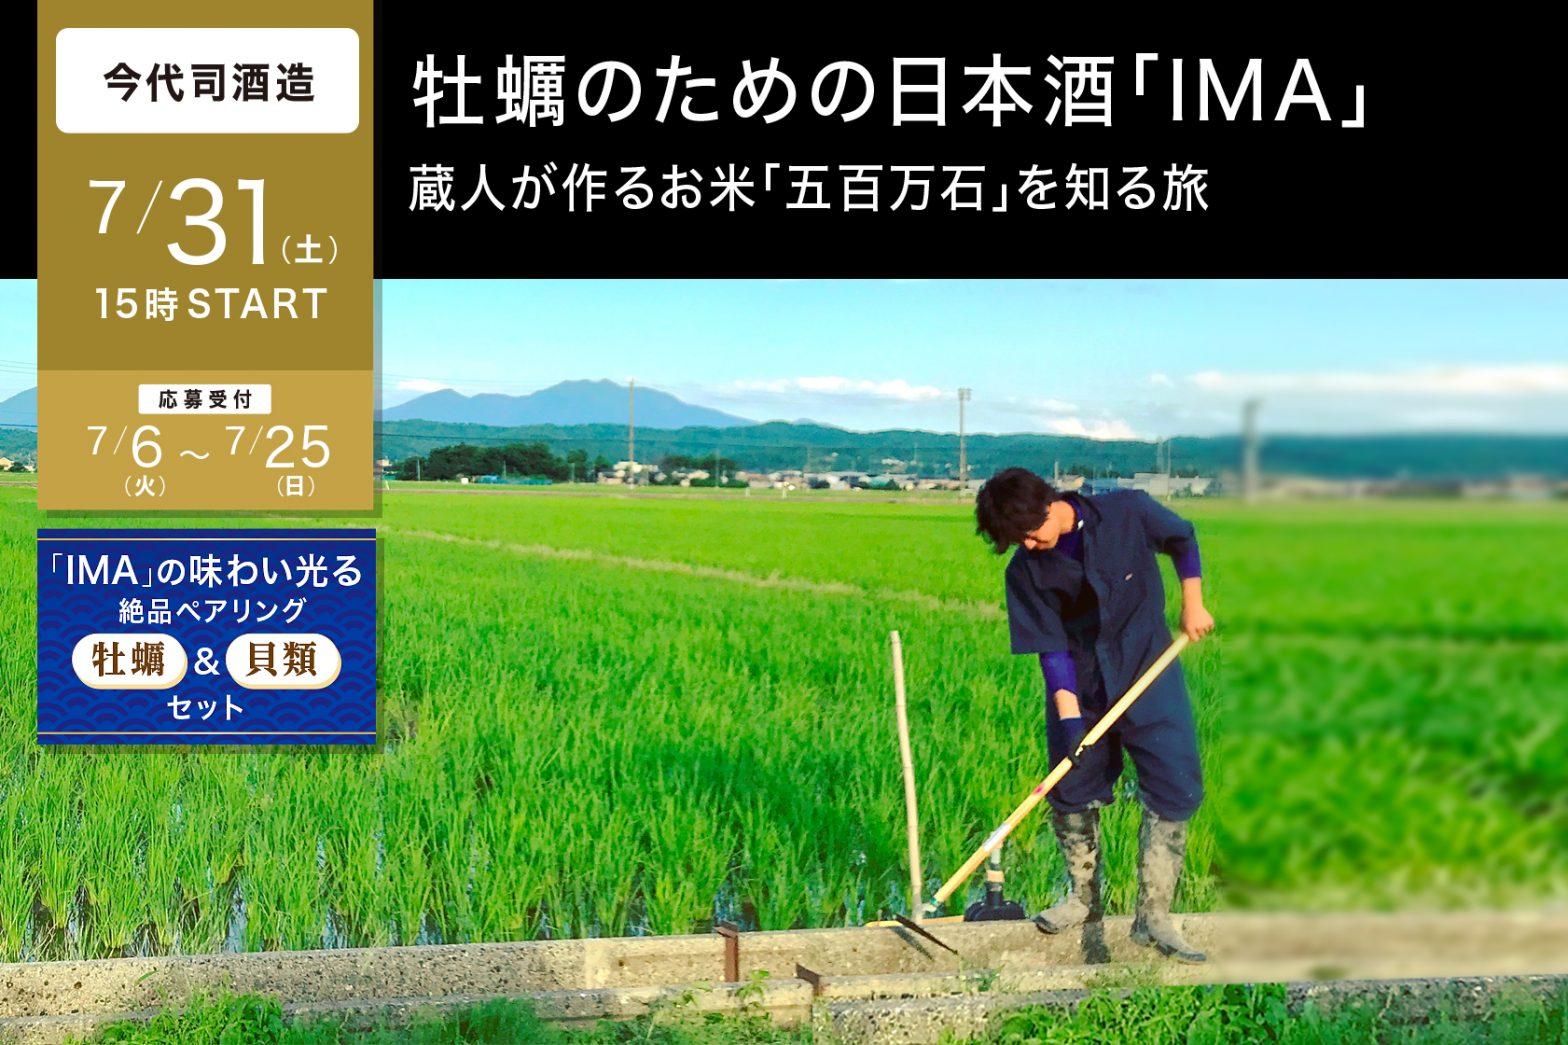 7/31 牡蠣のための日本酒「IMA」蔵人が作るお米「五百万石」を知る旅